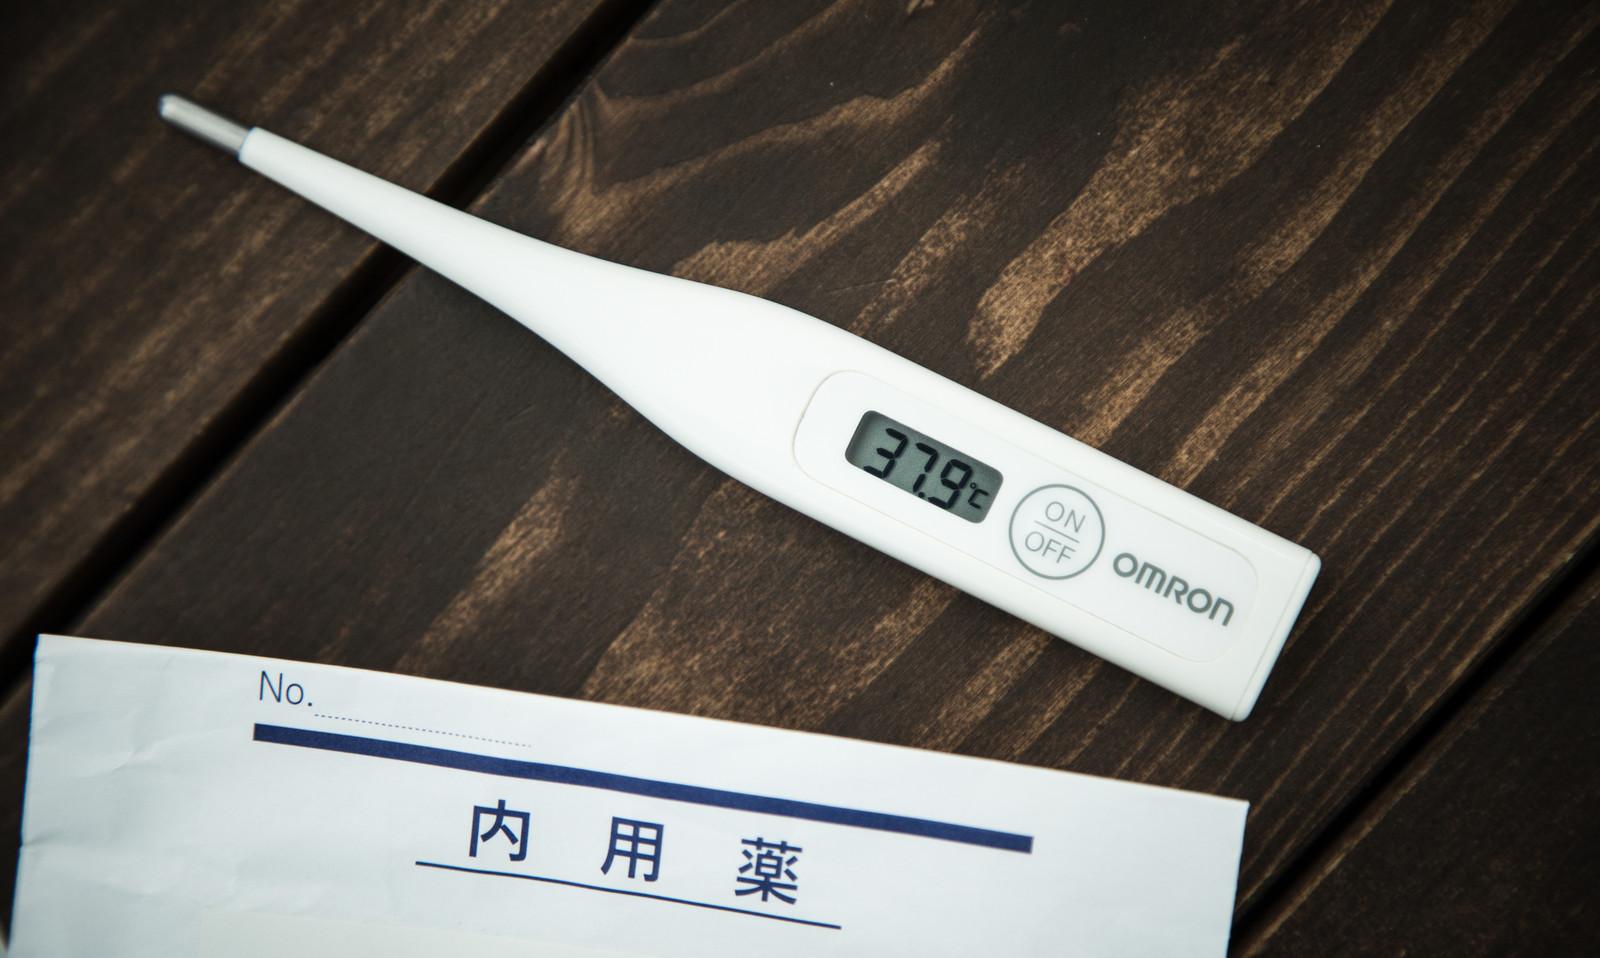 【韓国語】病院に行きたい&病院で使える単語&フレーズ集